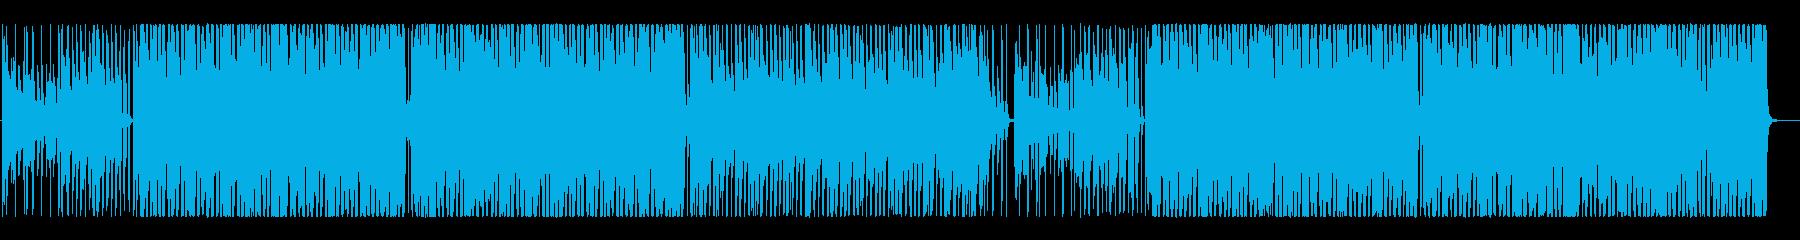 楽しく明るい、ハッピーポップロック!の再生済みの波形